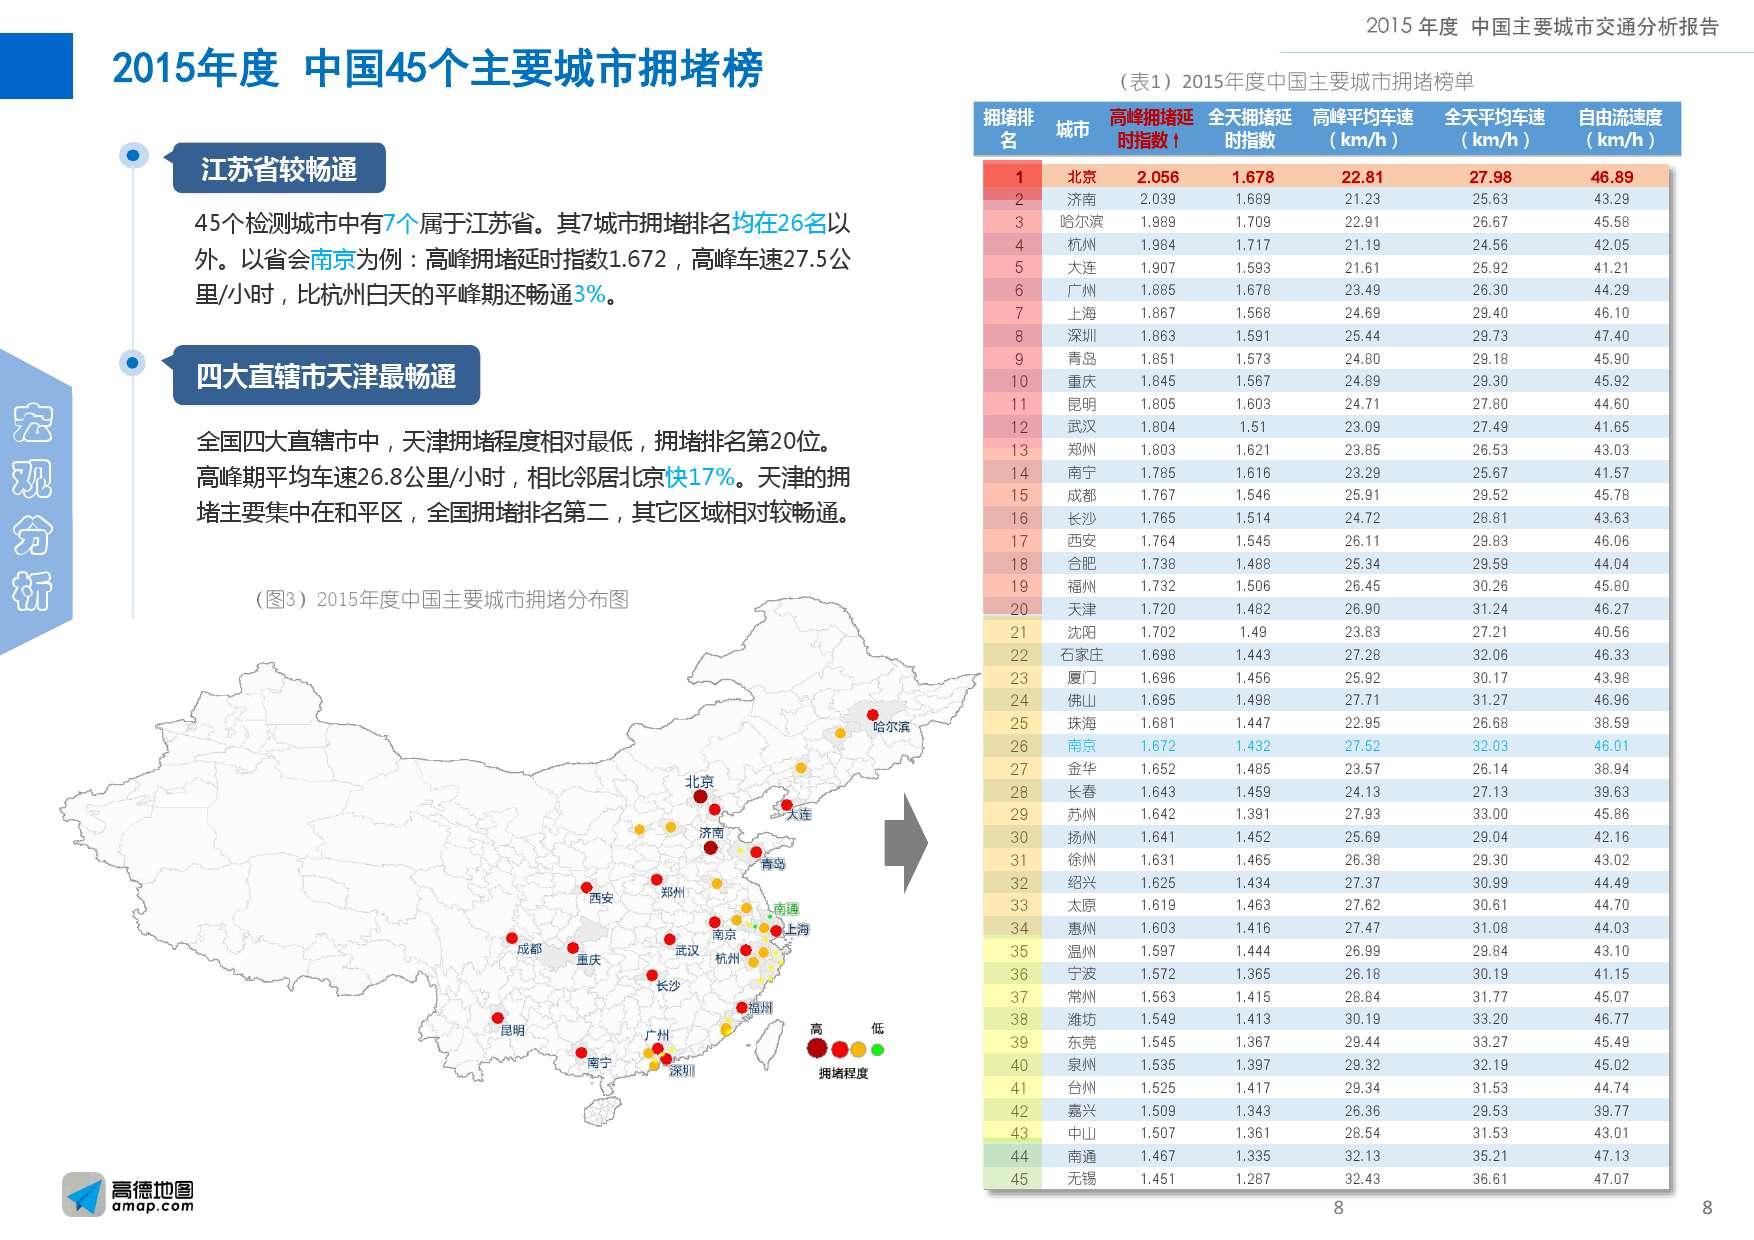 2015年度中国主要城市交通分析报告-final_000008